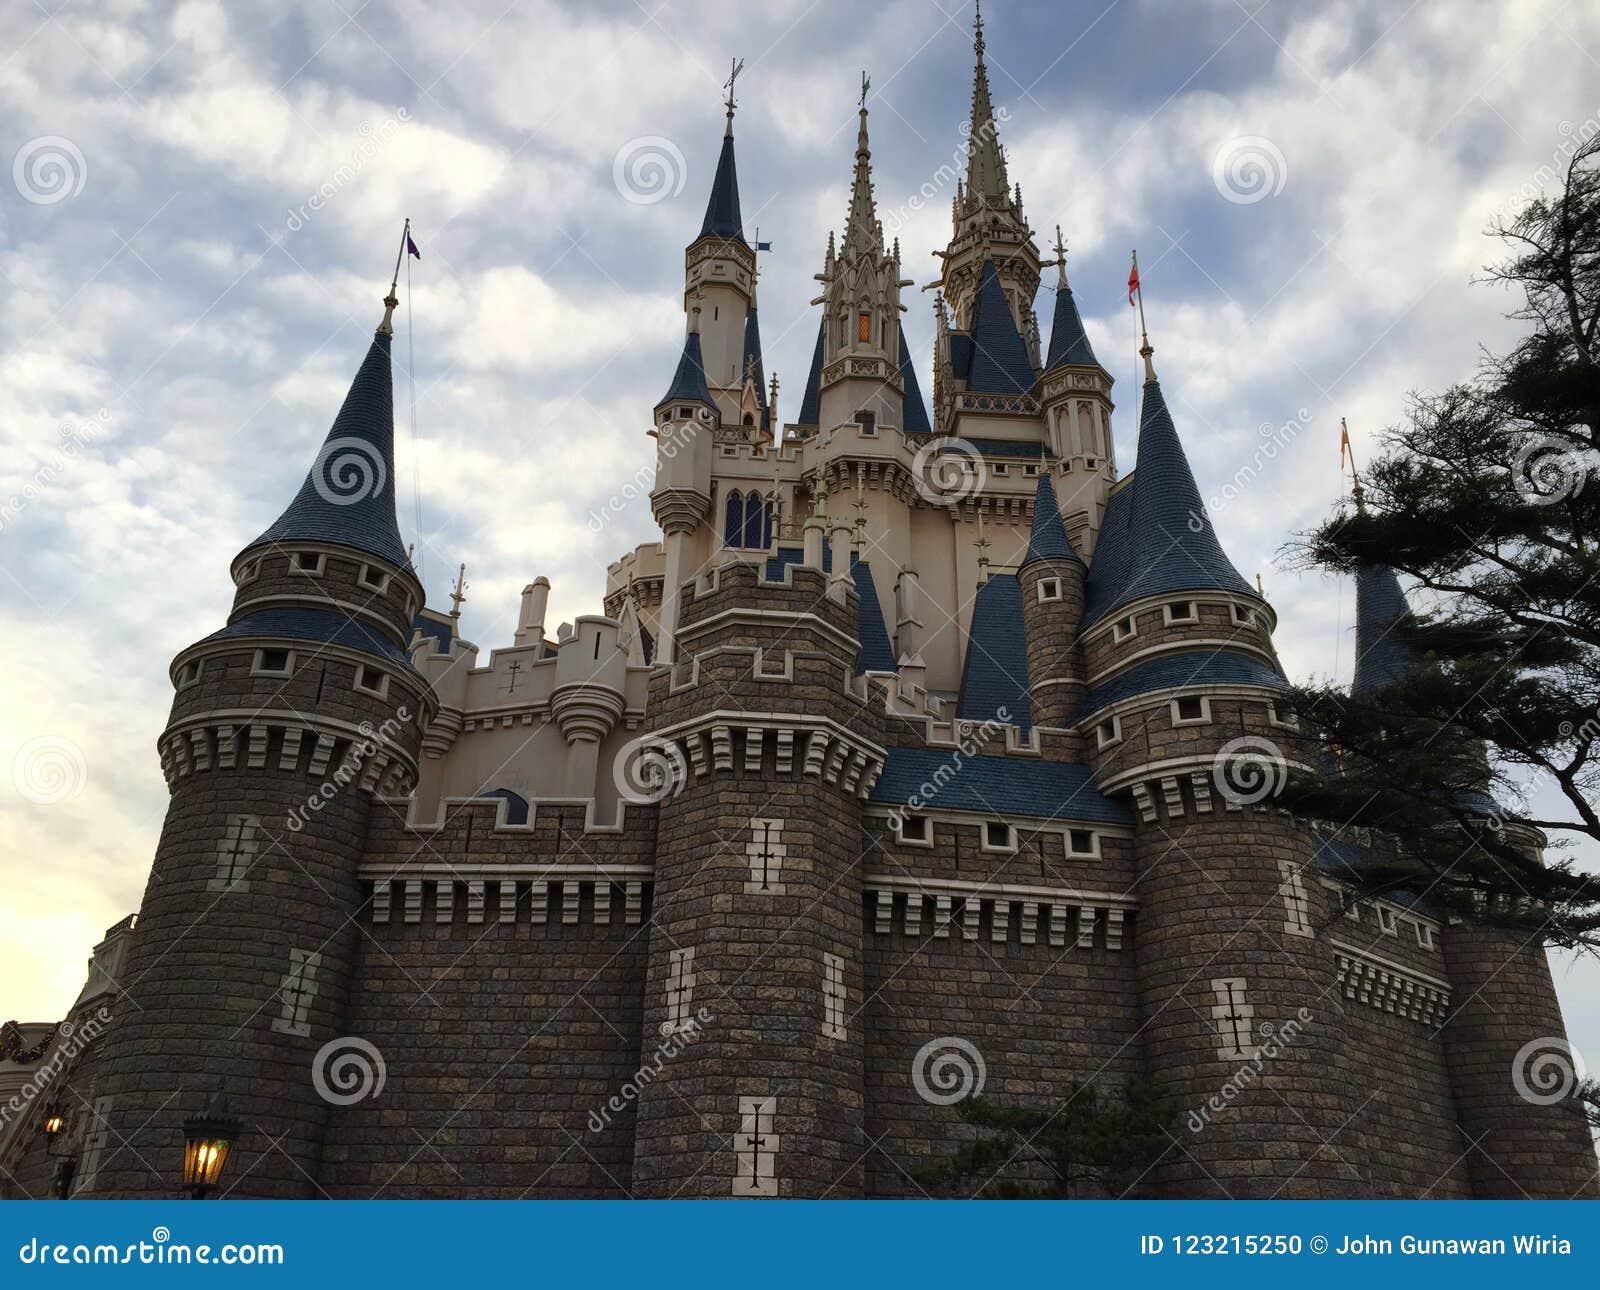 Cinderella Castle Nice View At Tokyo Disneyland Editorial Image